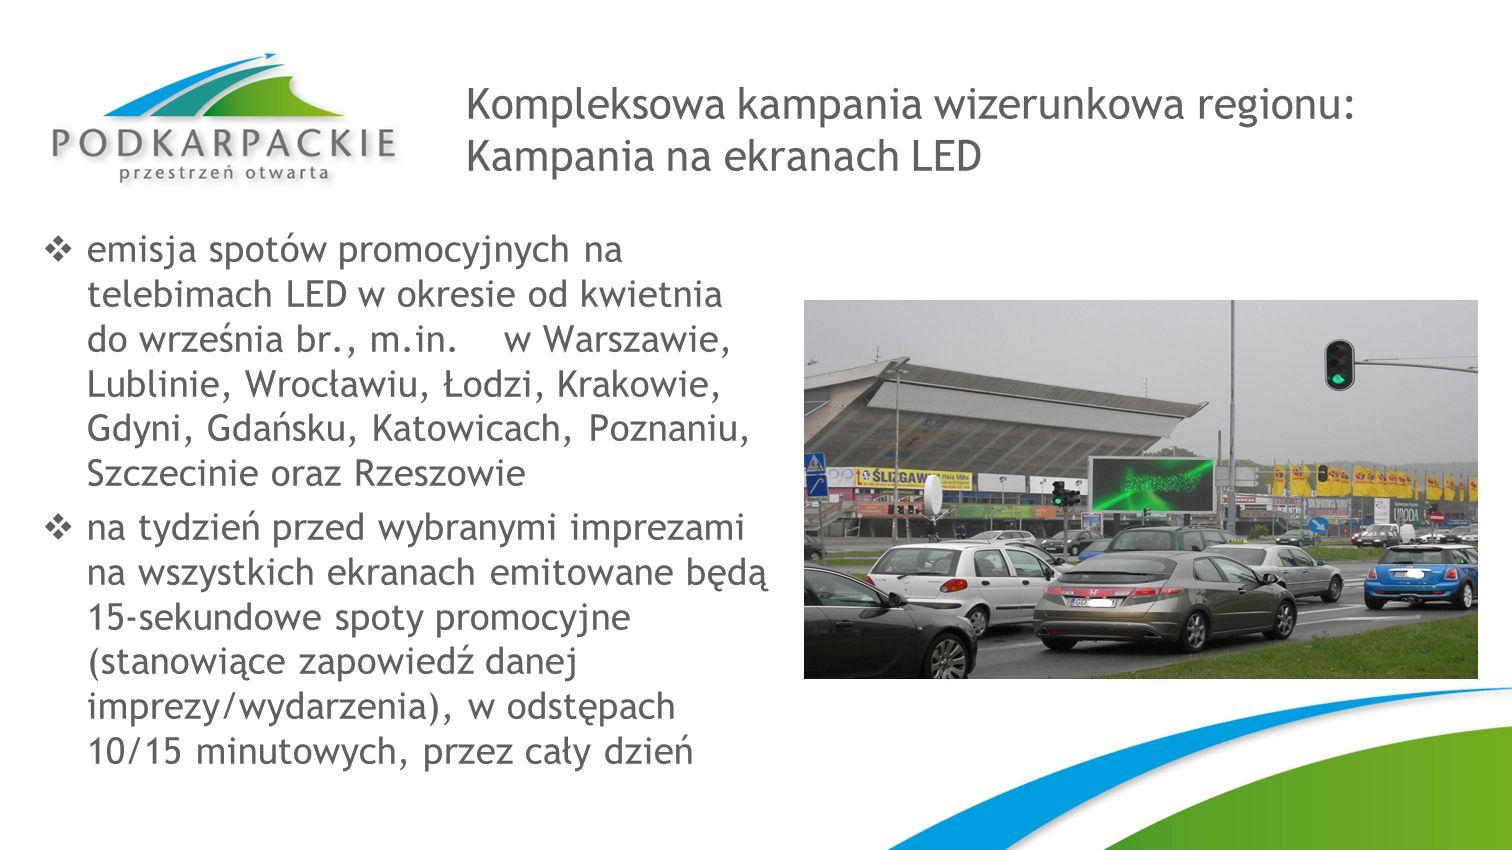 Kompleksowa kampania wizerunkowa regionu: Kampania na ekranach LED emisja spotów promocyjnych na telebimach LED w okresie od kwietnia do września br.,